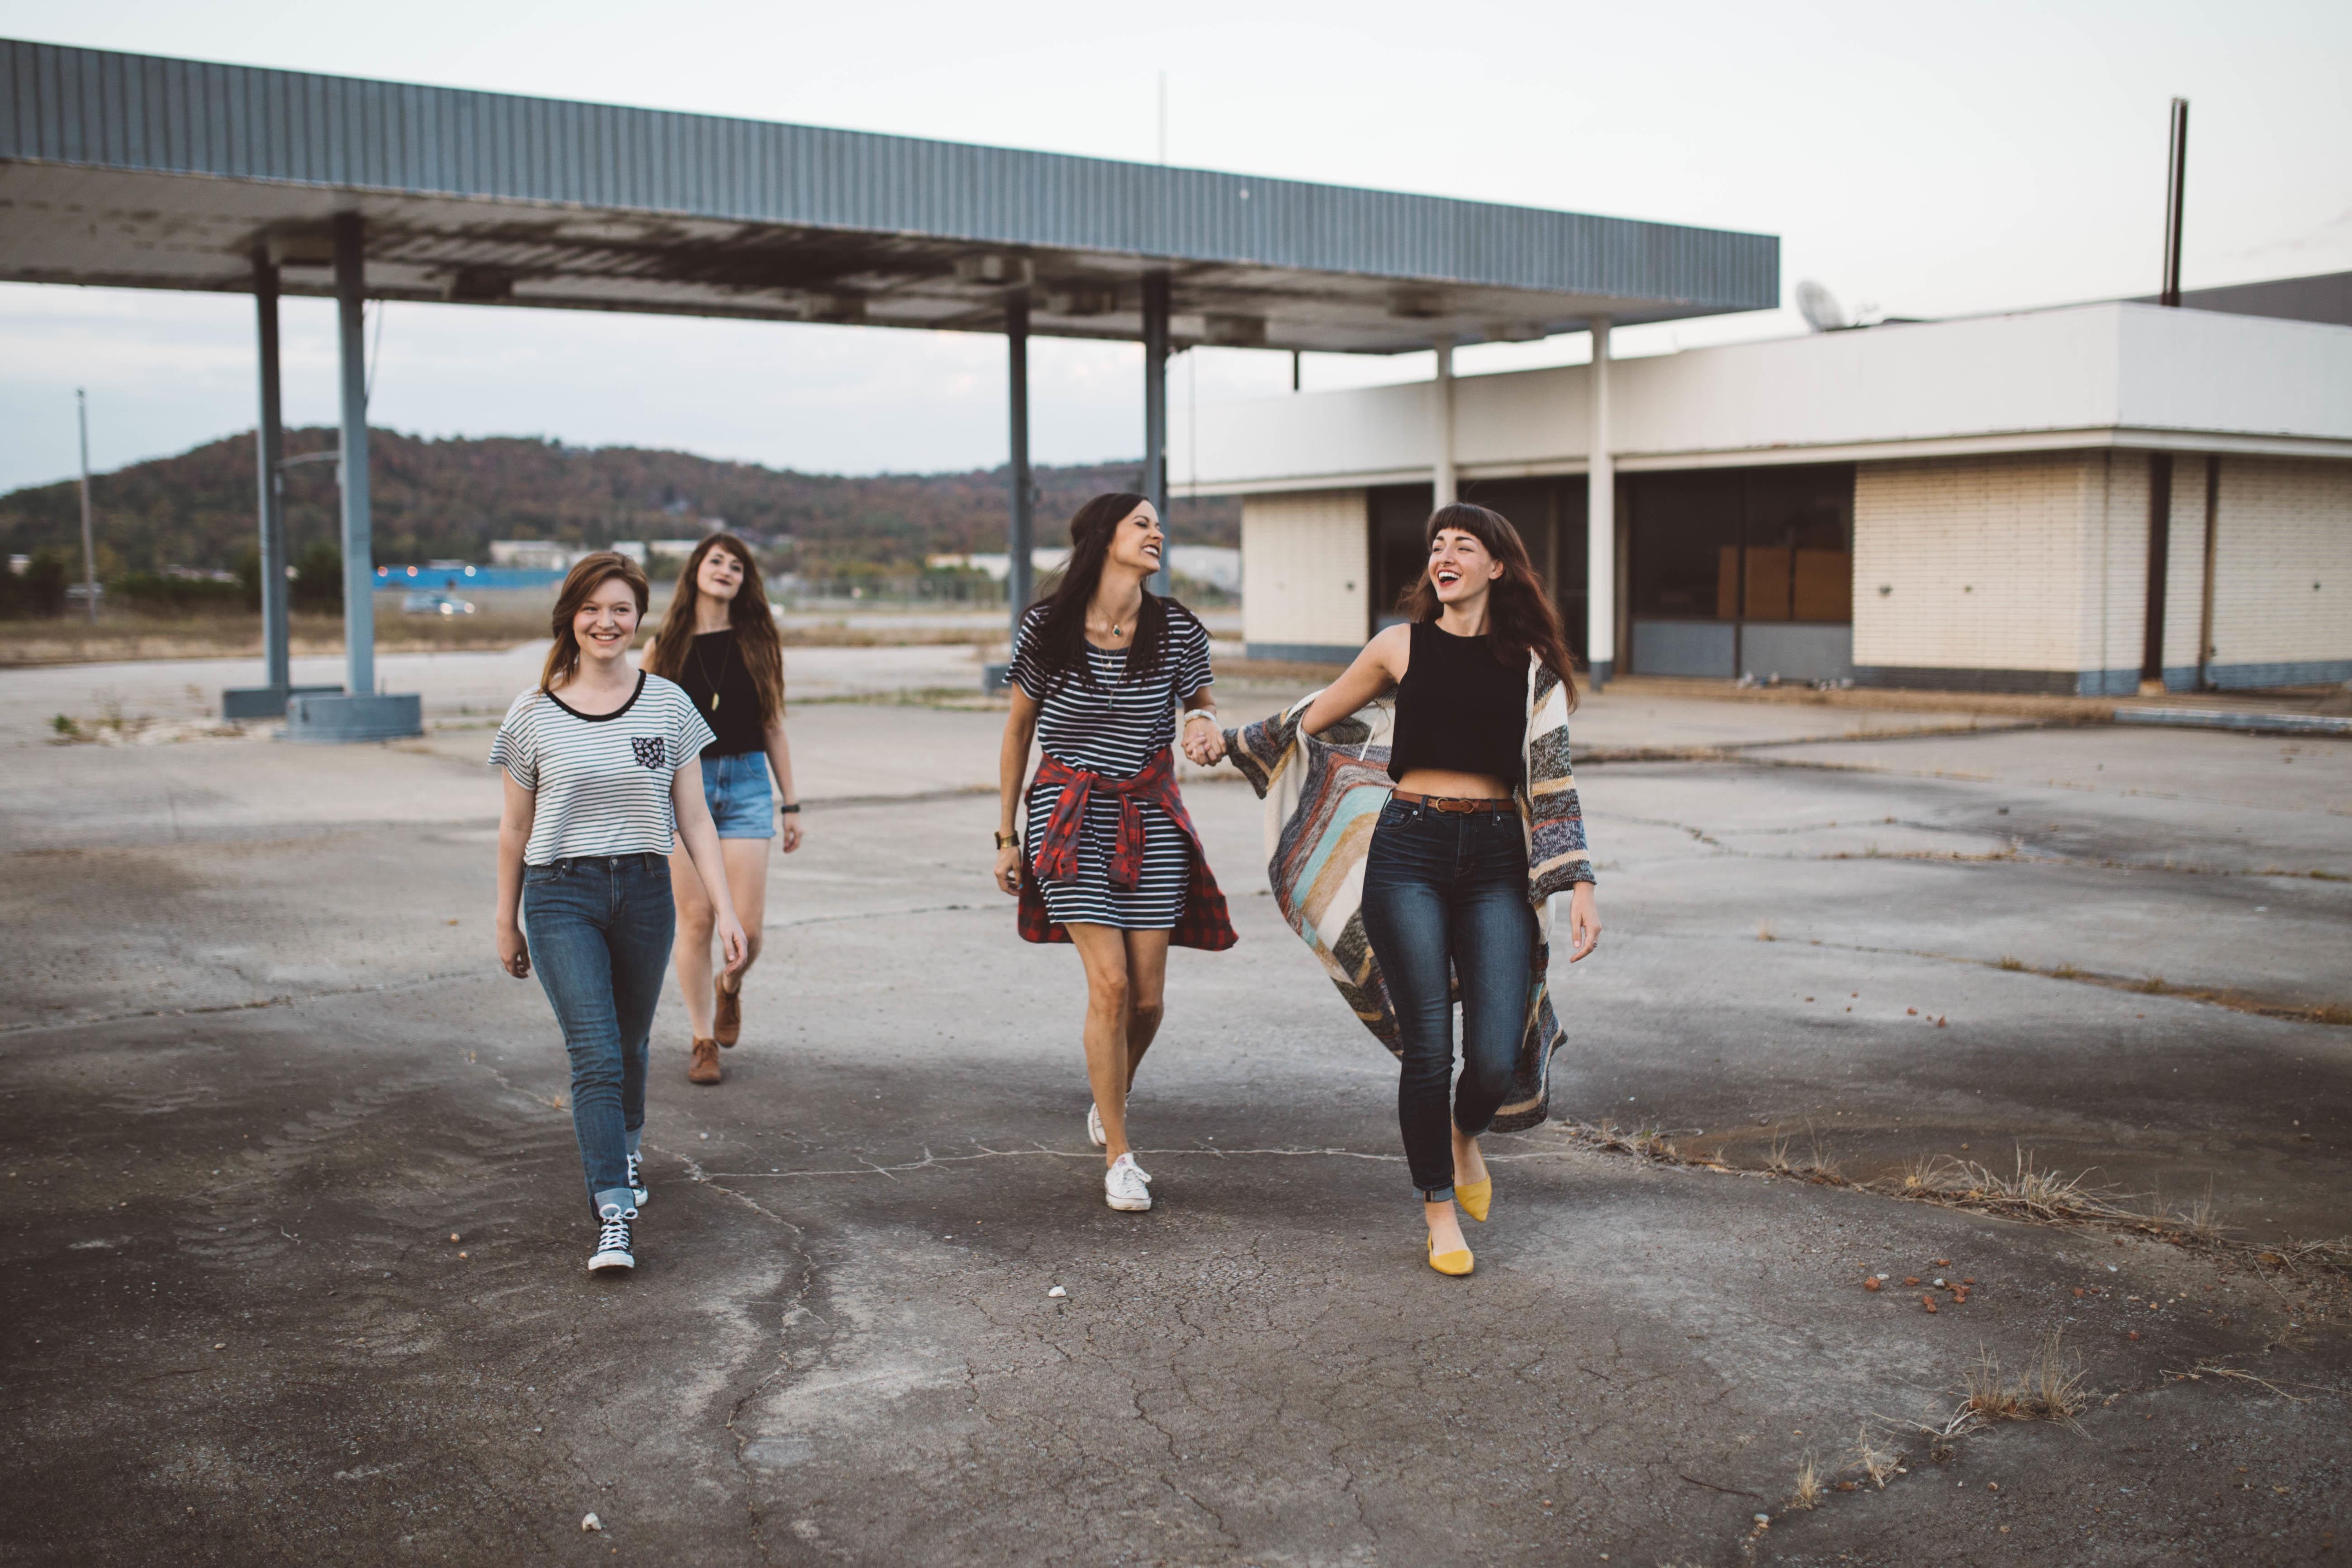 32647_girls-friends-girlfriends-outdoors